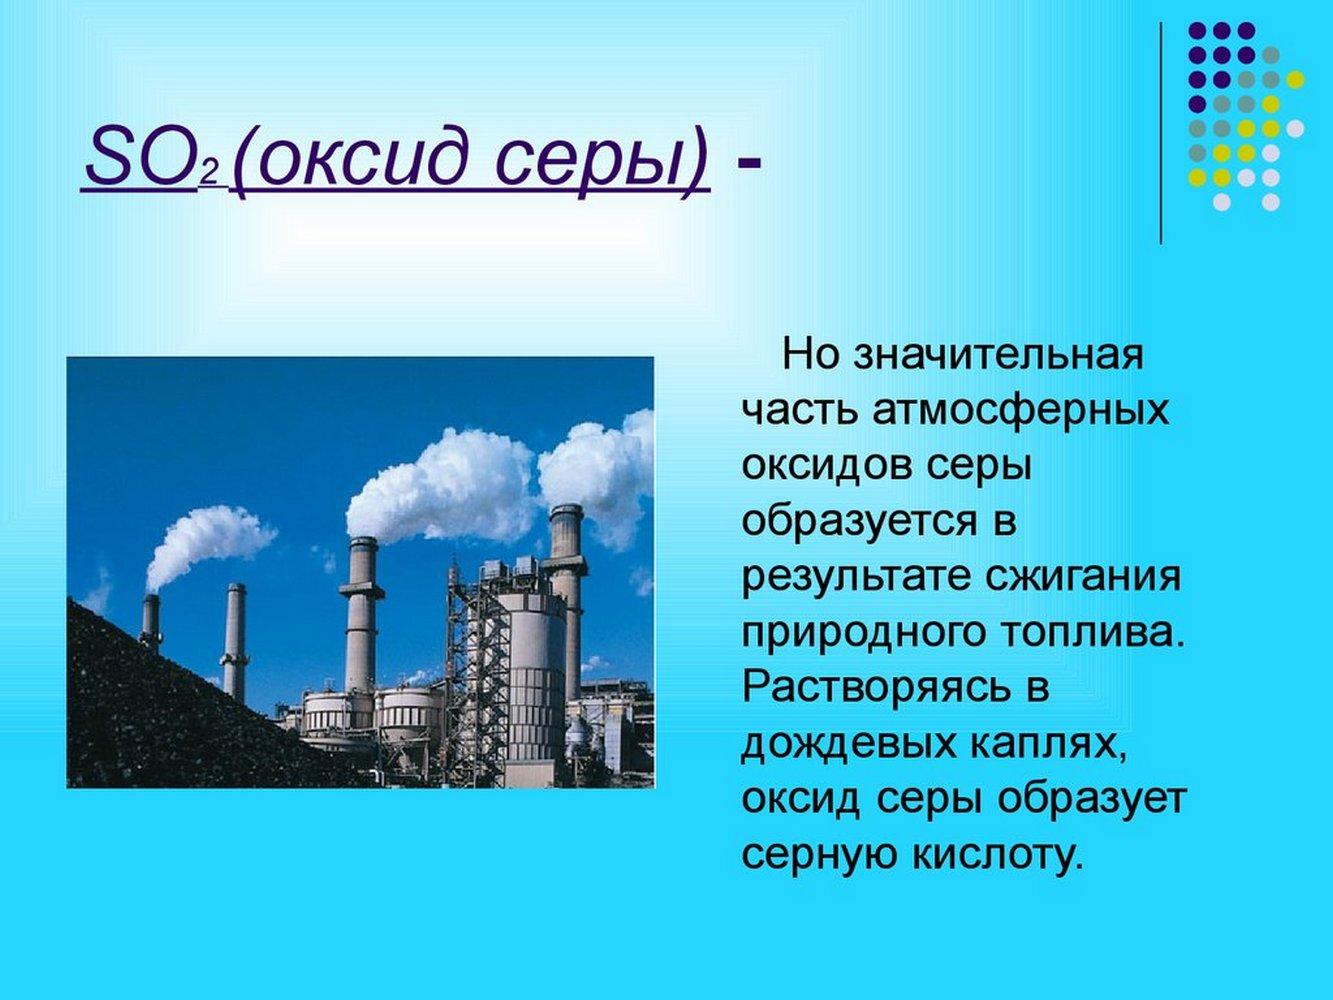 оксид серы информация